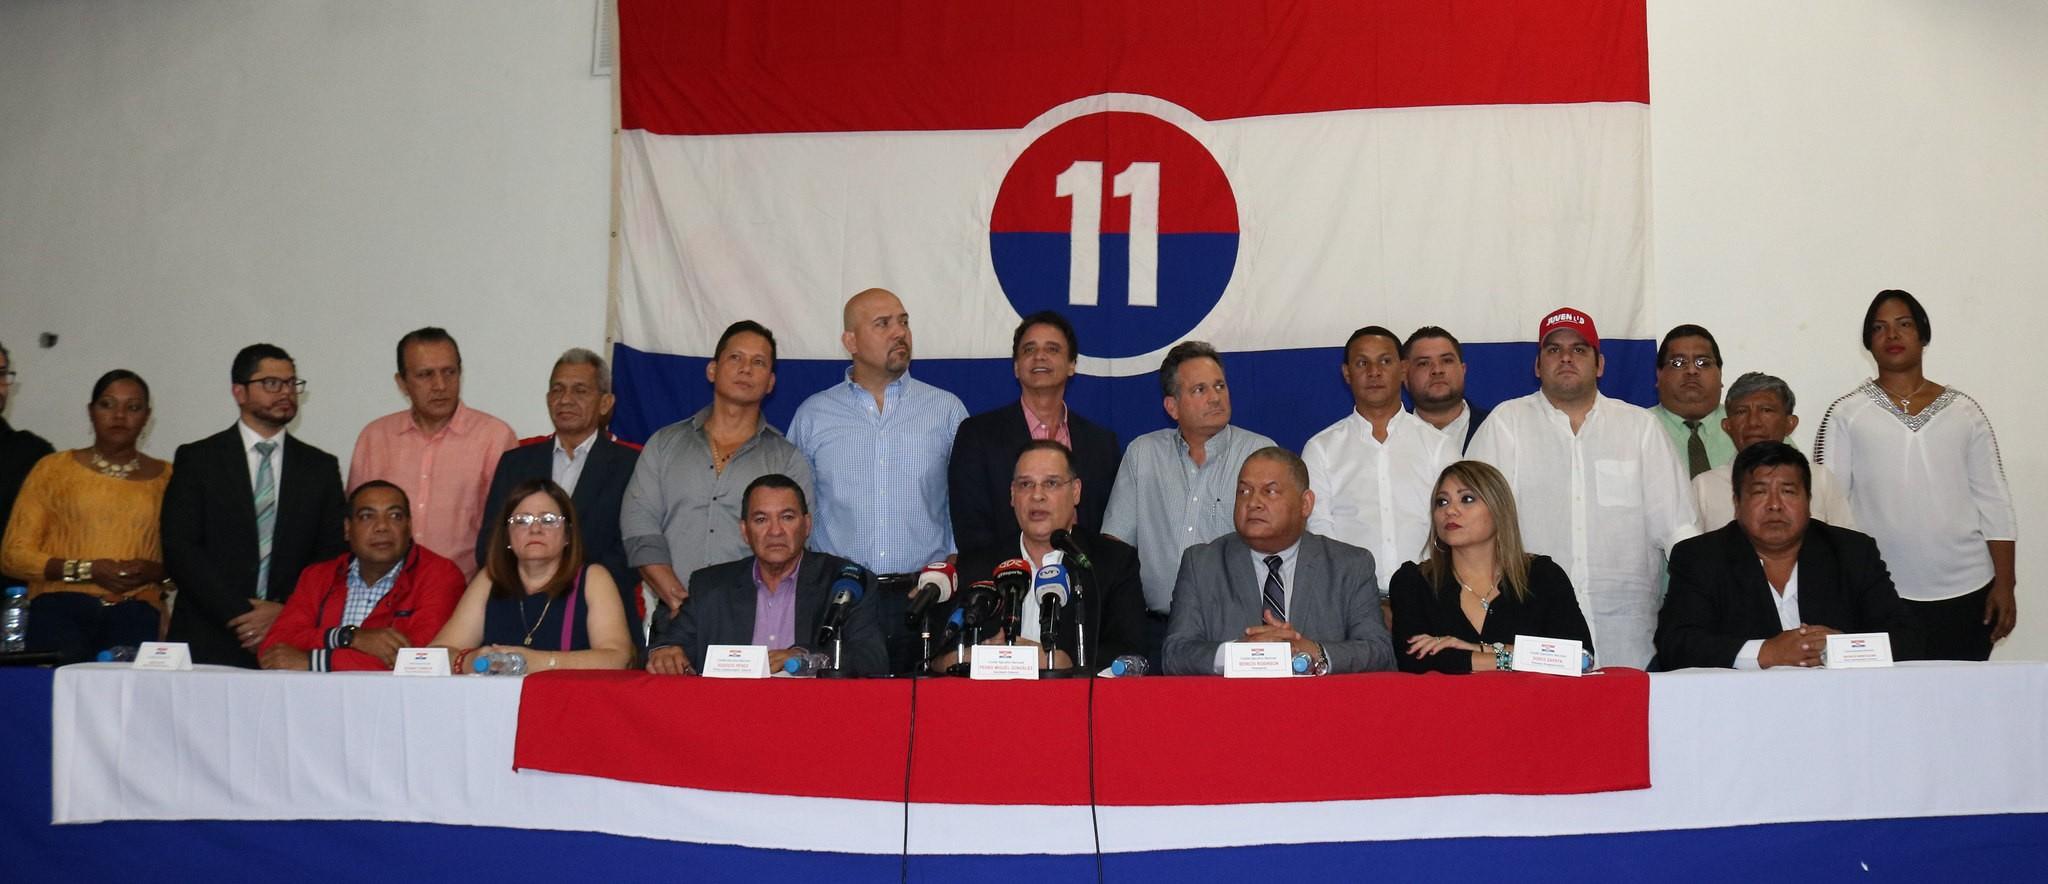 anuncio-elecciones-primarias-prd-panama-politica